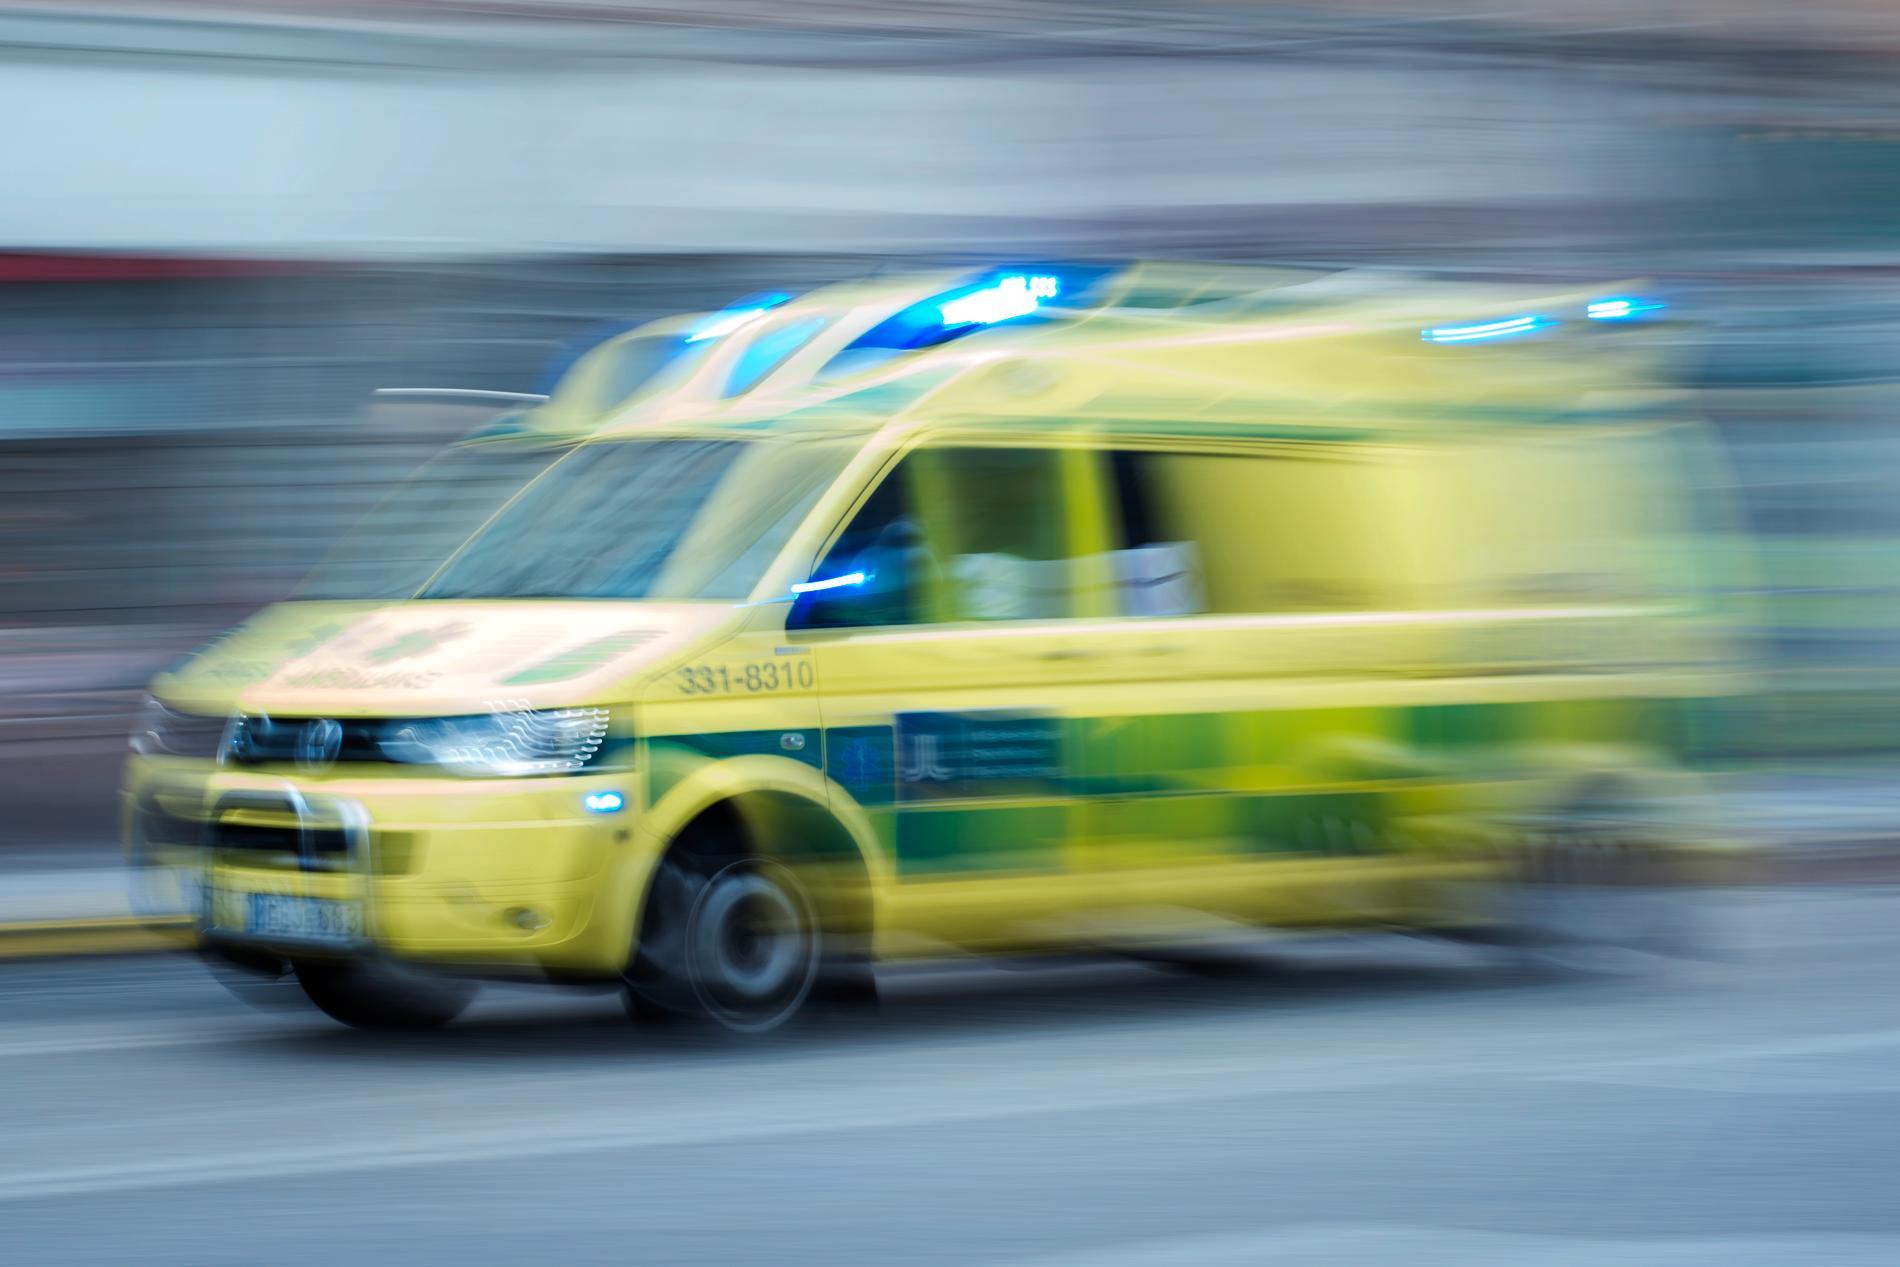 En flicka fick livshotande skador i a-traktorolyckan. Arkivbild.